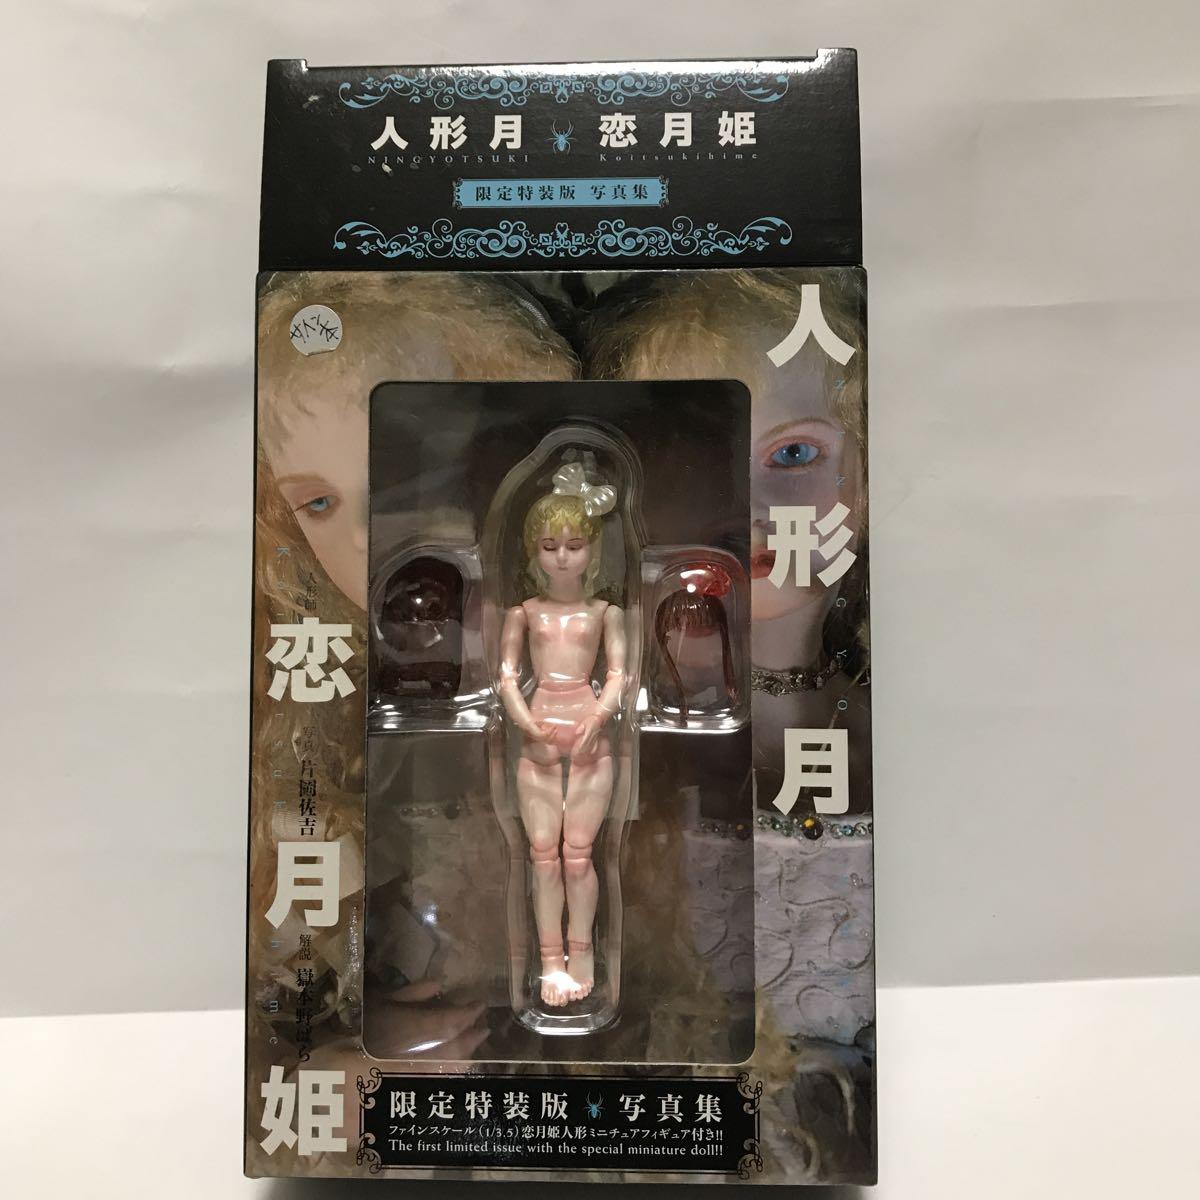 人形月 恋月姫 限定特装版 写真集 サイン本 ミニチュアフィギュア付き 新品同様美品